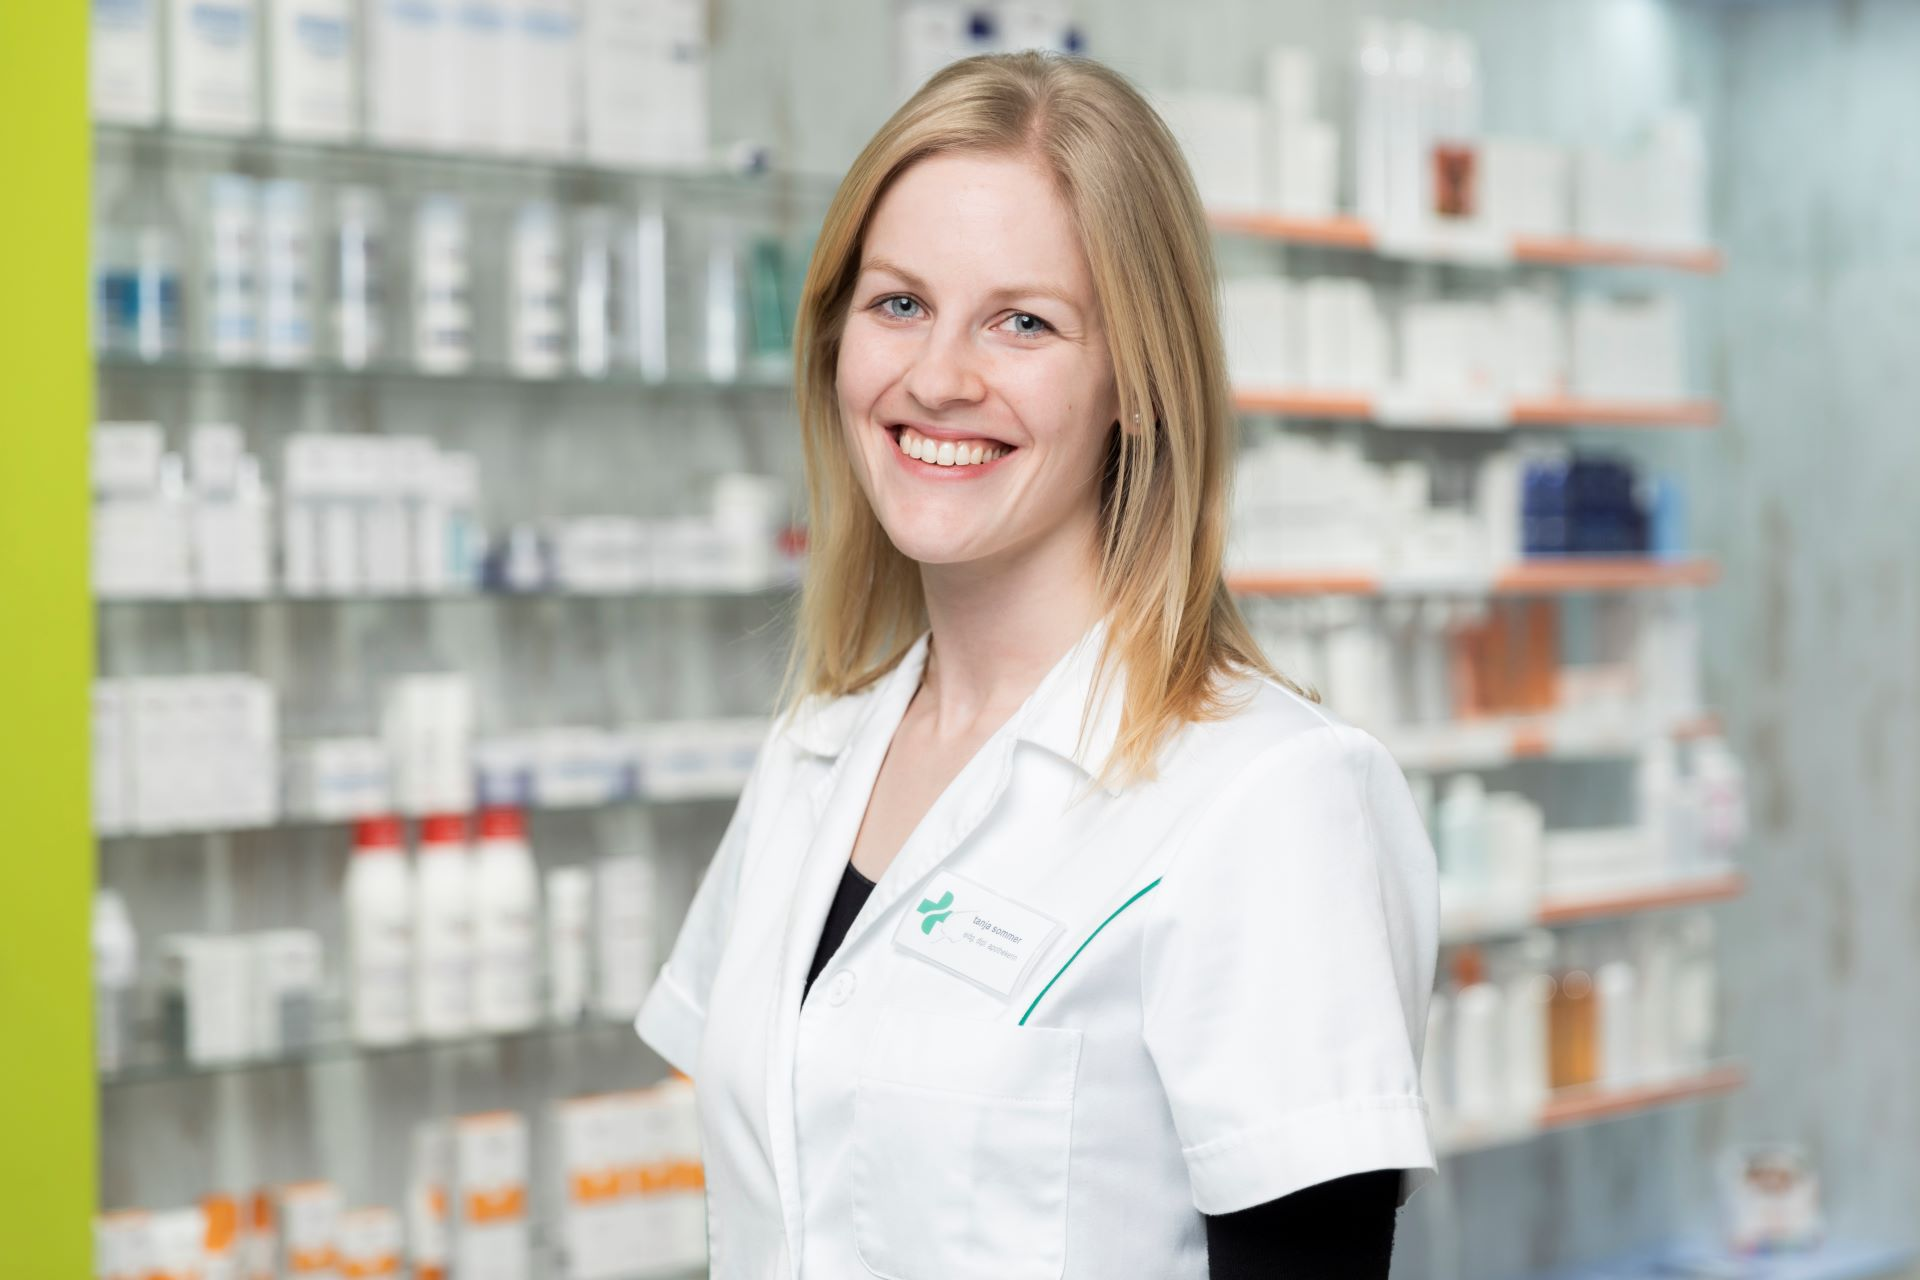 Lindenapotheke - Cholesterin - Impfungen - Pille Danach